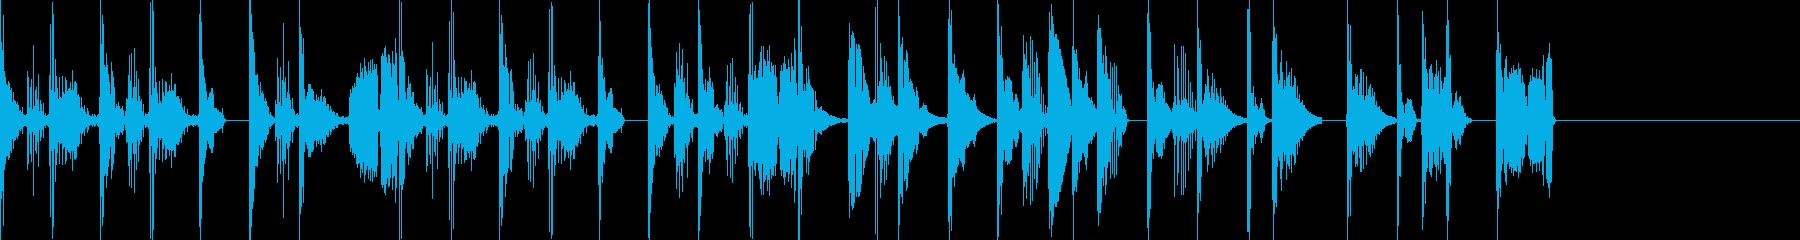 疾走感のある攻撃的なジングルの再生済みの波形